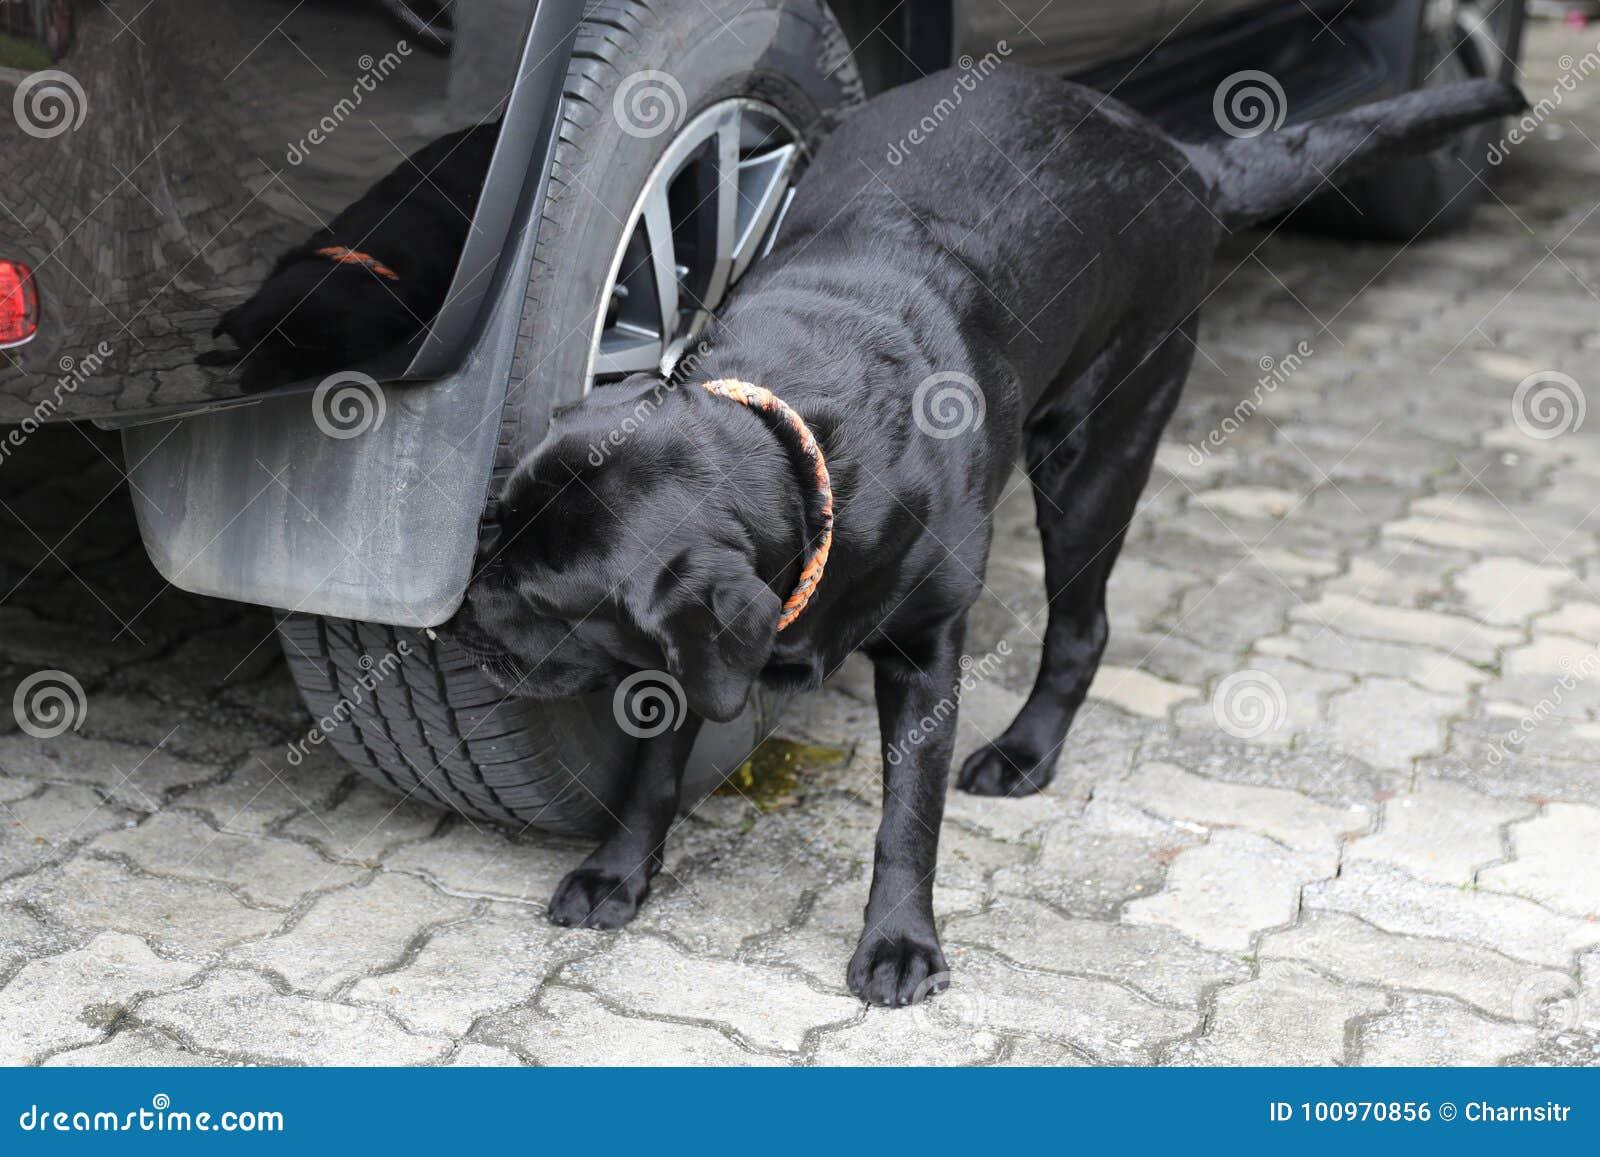 Fußboden Aus Autoreifen ~ Labrador hund der auf einem autoreifen uriniert stockfoto bild